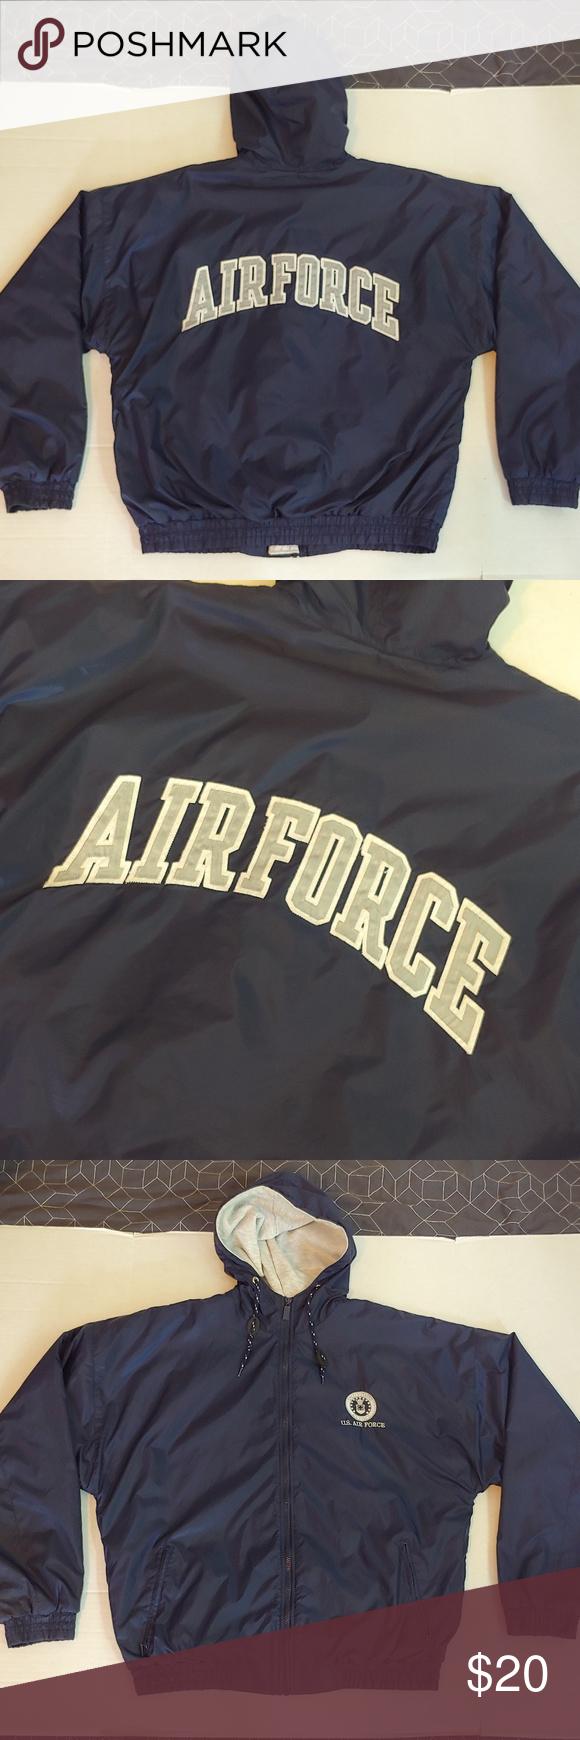 Vintage heavy Air Force jacket Vintage jacket, Air force